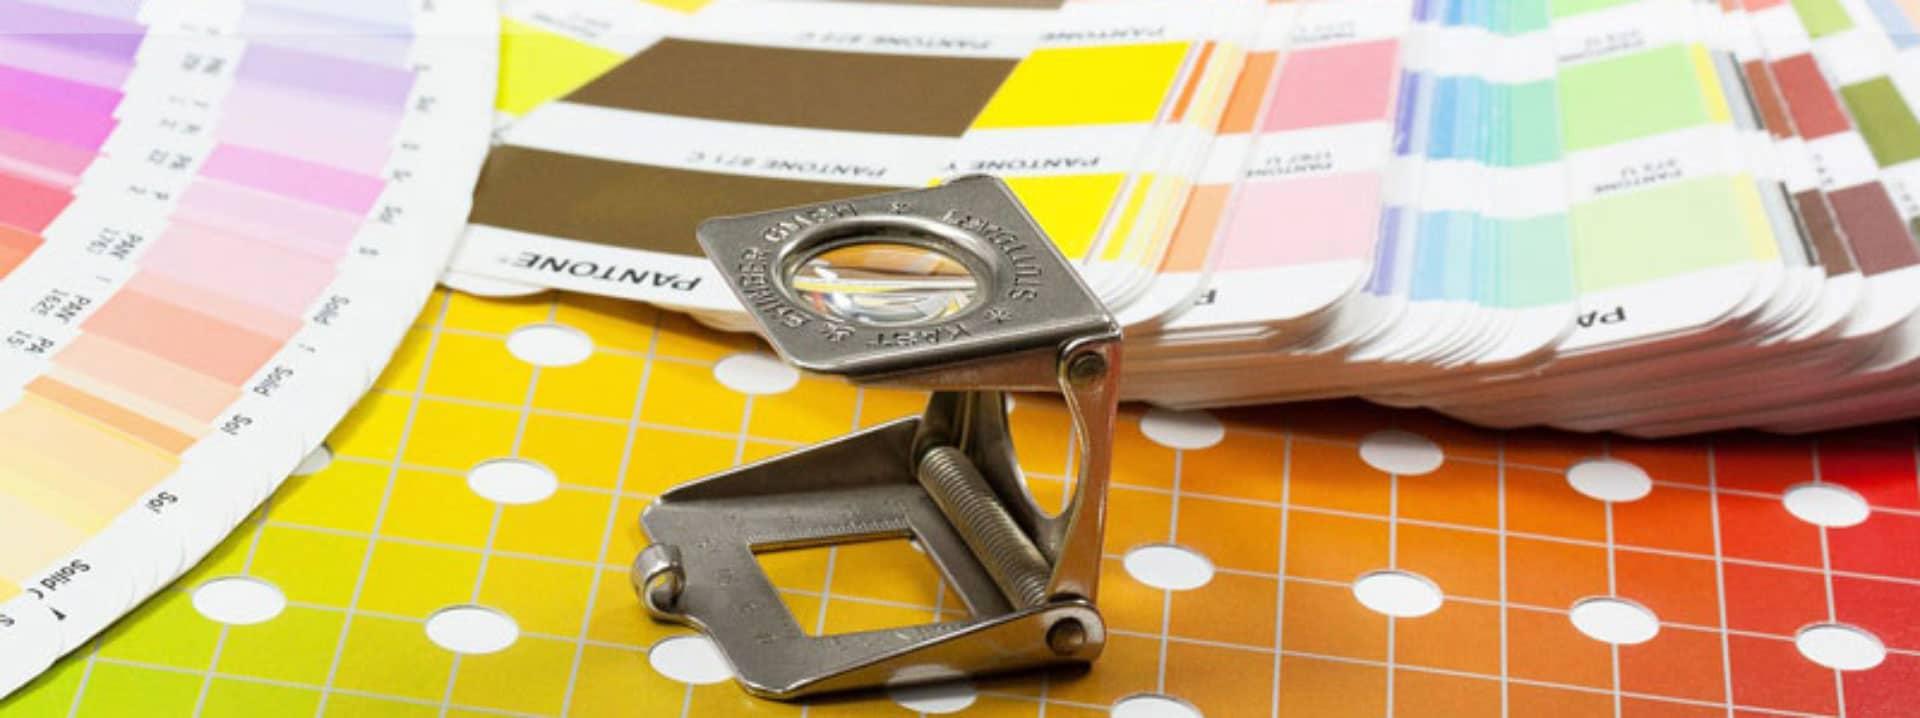 Цвет в офсетной печати для начинающих и не только